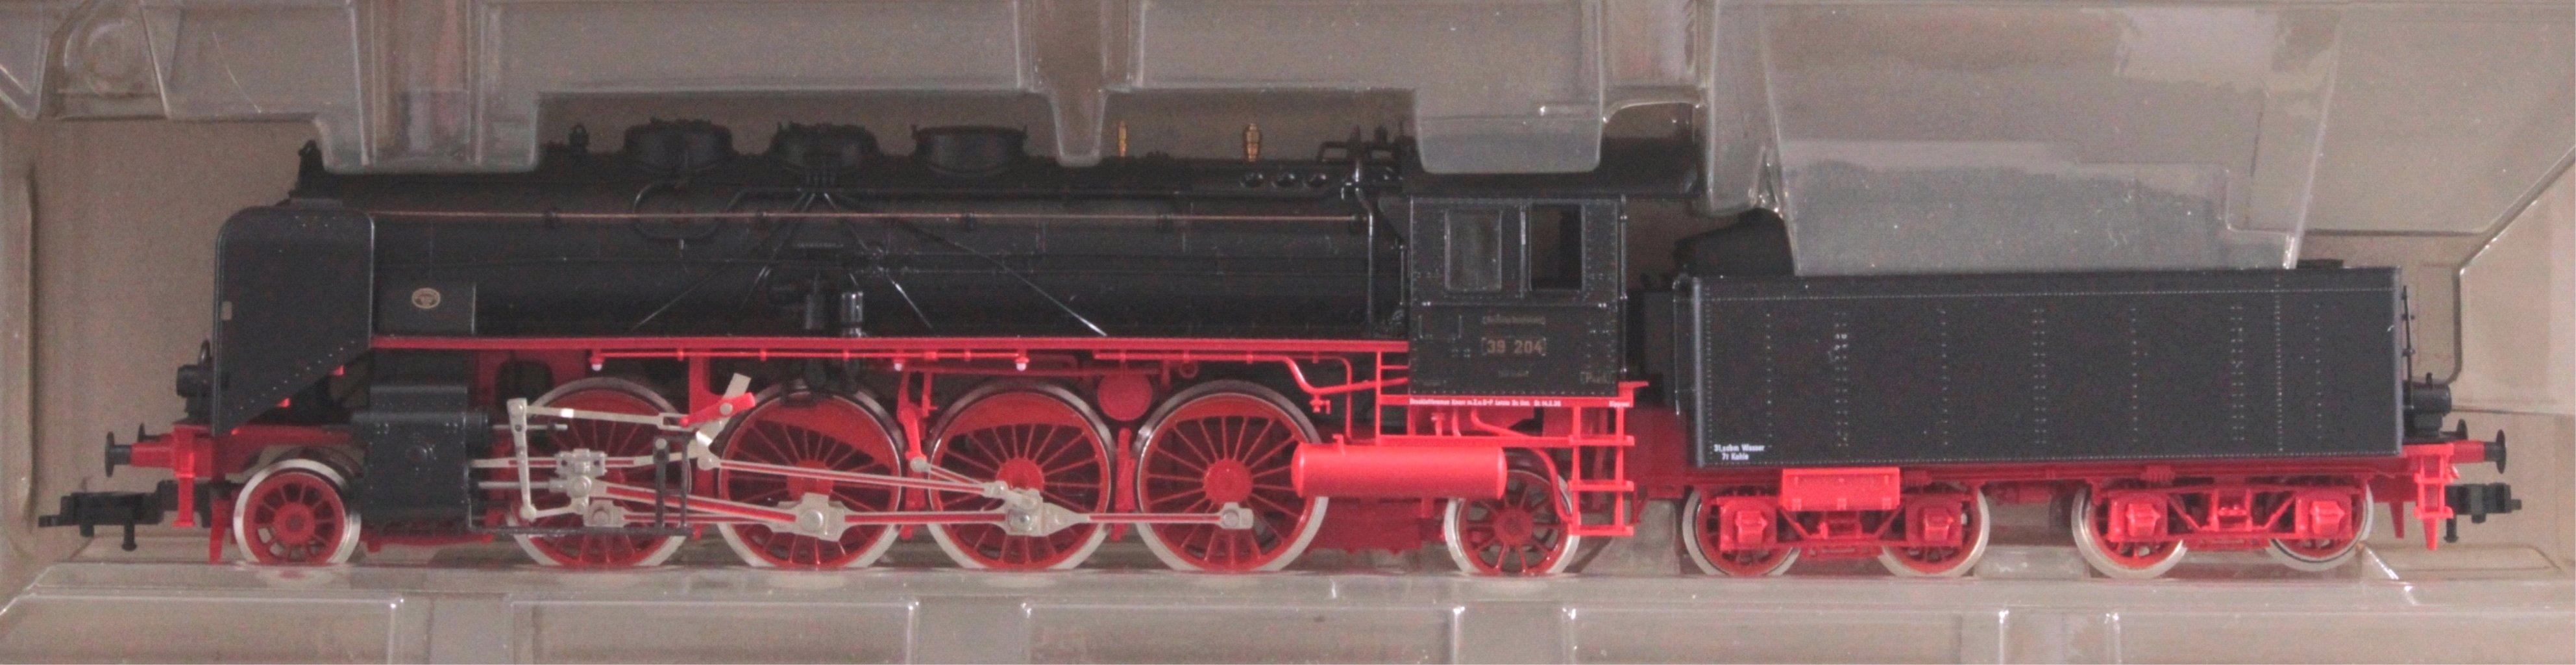 Fleischmann Dampfloks BR 39 103 und BR 39 204 Spur H0-2